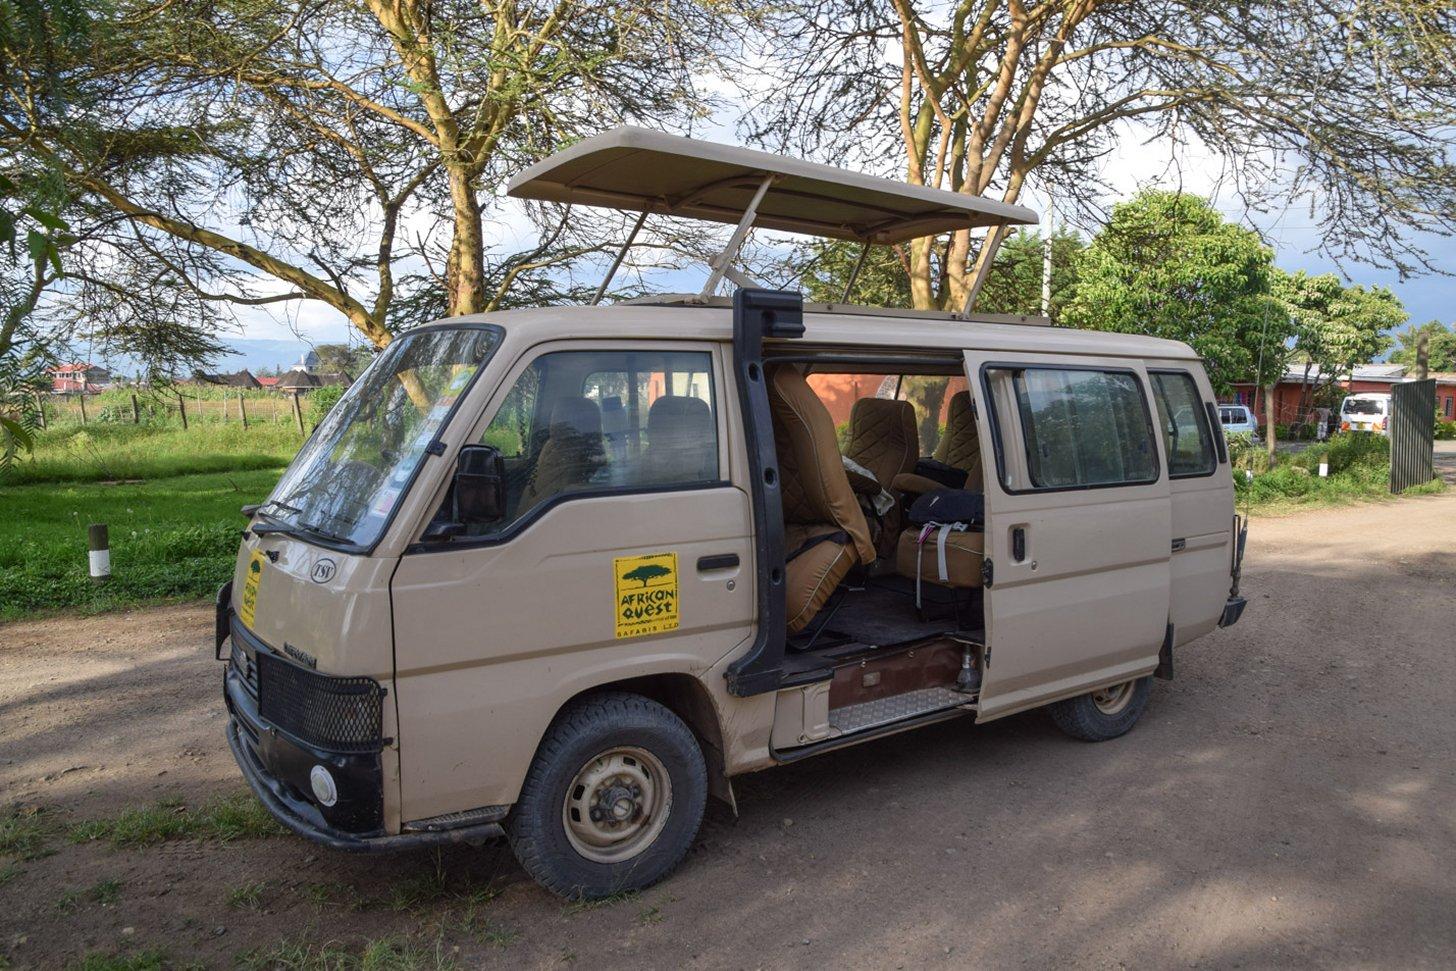 Dit busje is perfect om mee op safari te gaan.